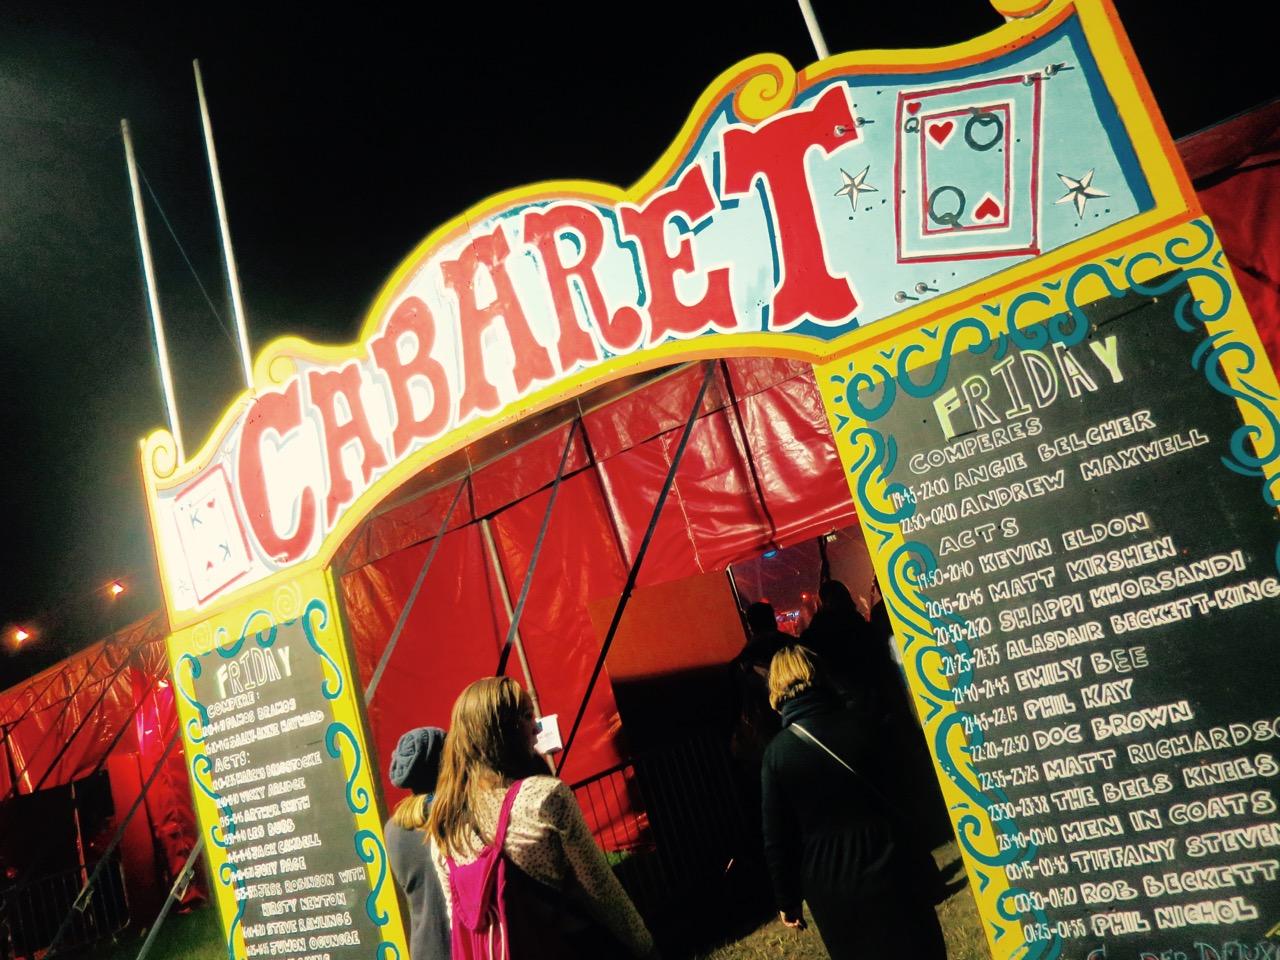 Glastonbury Cabaret Tent